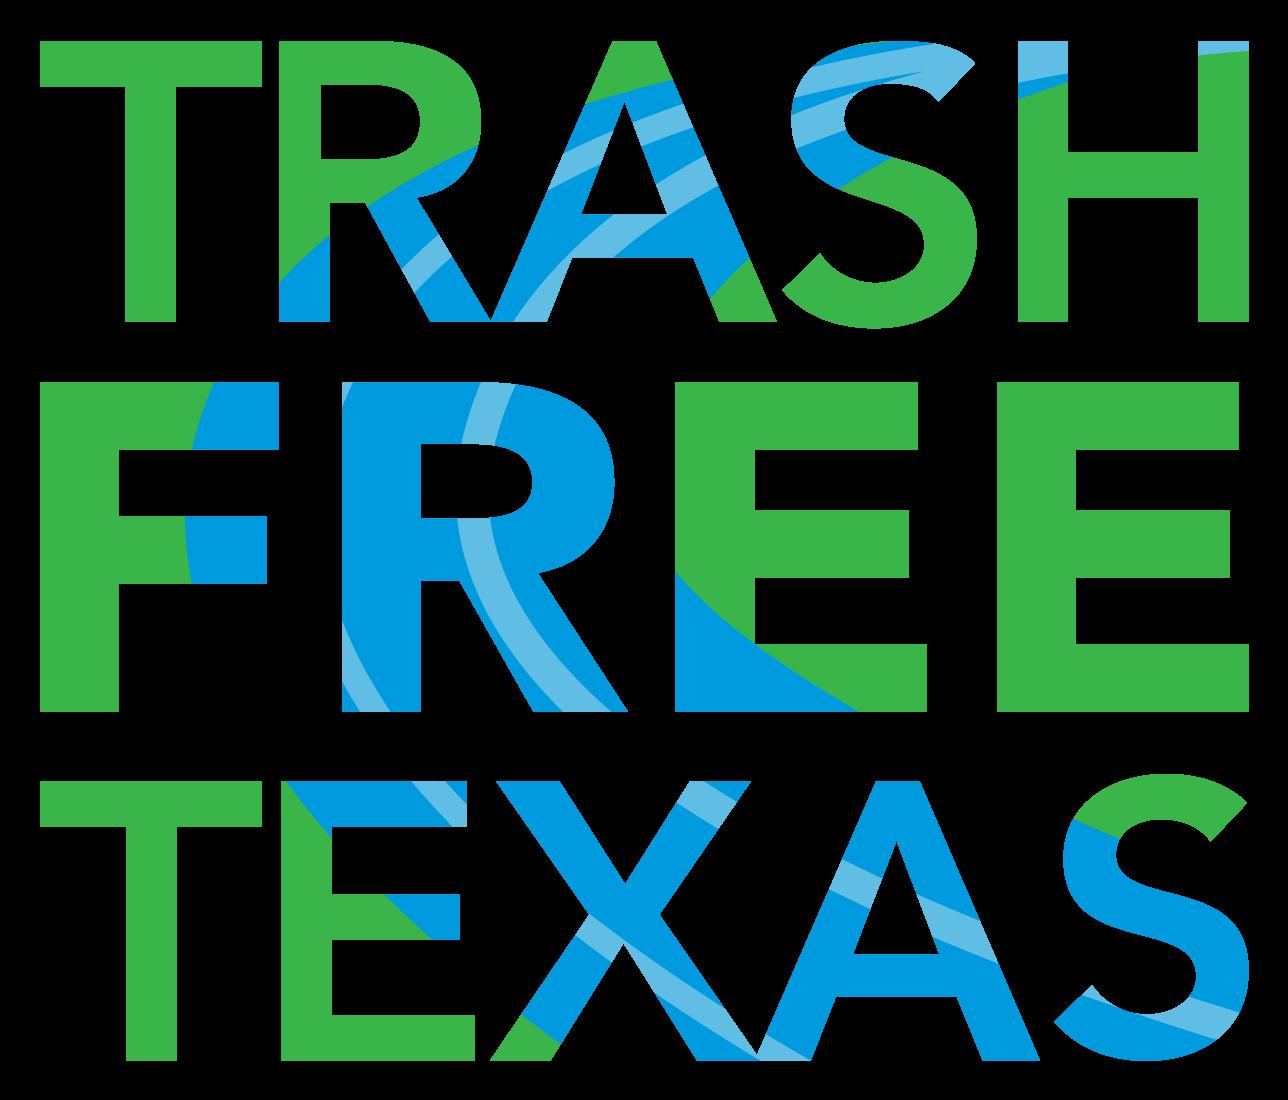 TrashFreeTexas_Logo.png